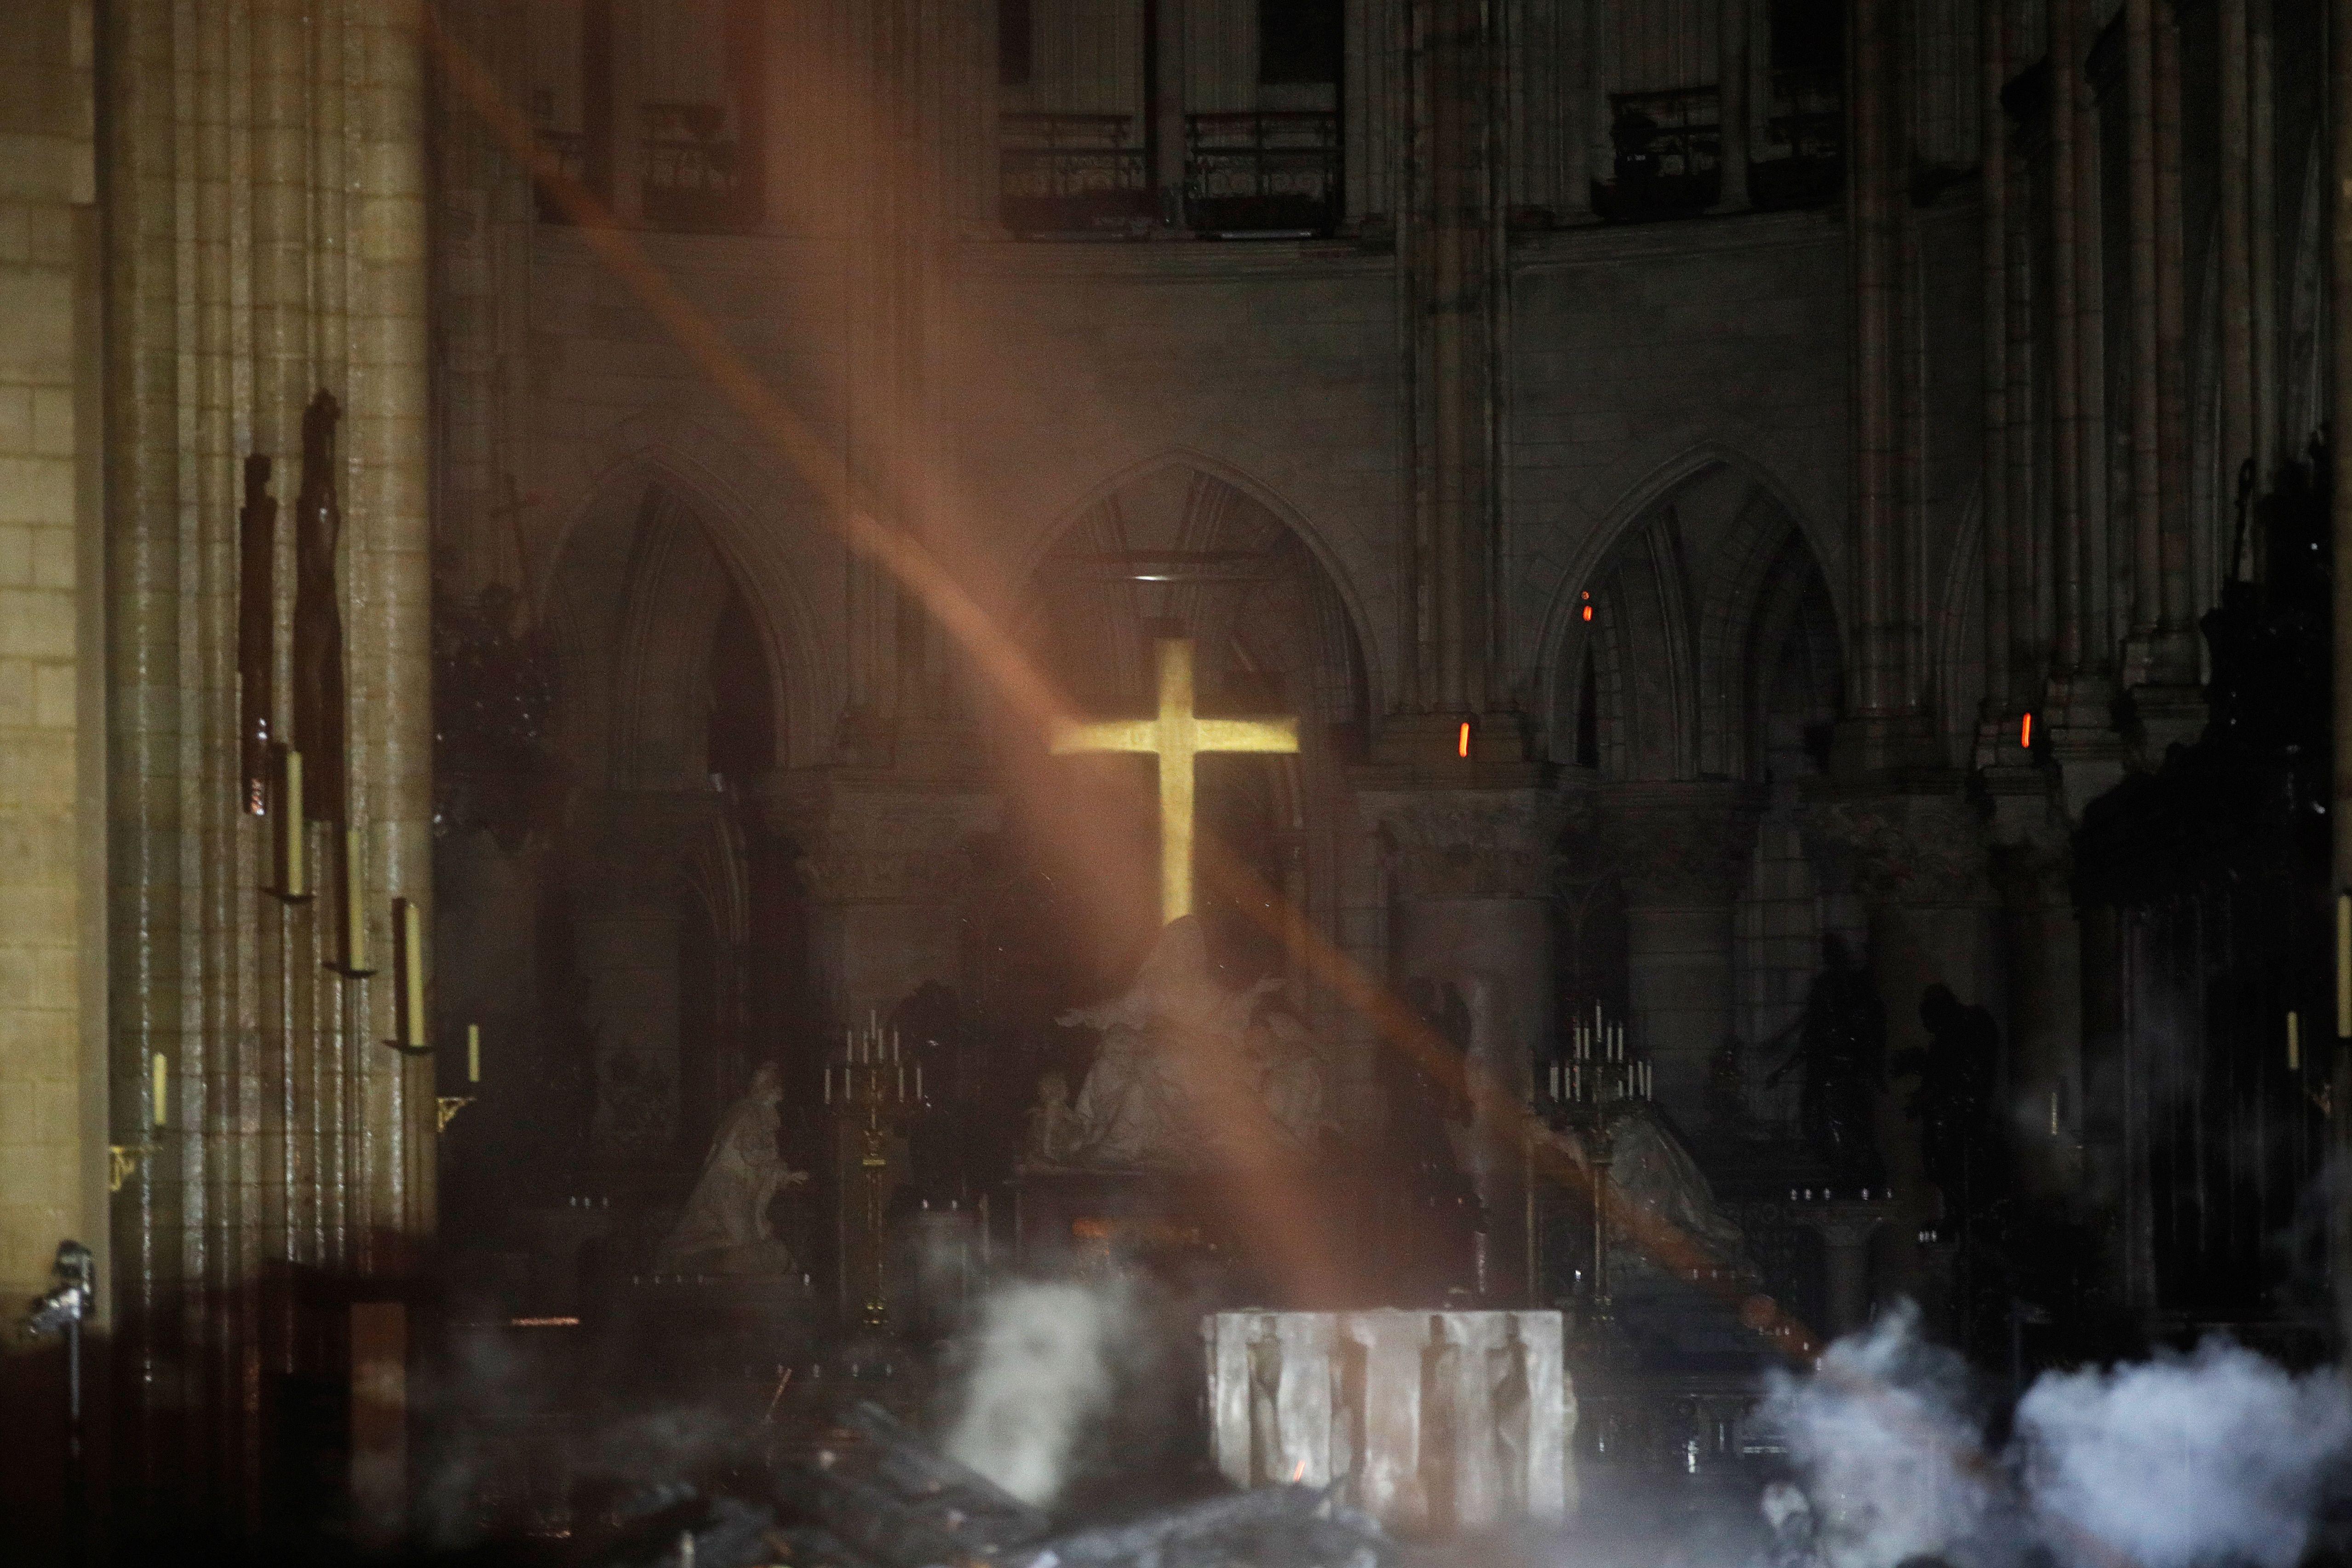 巴黎聖母院大火屋頂燒垮 十字架屹立不倒